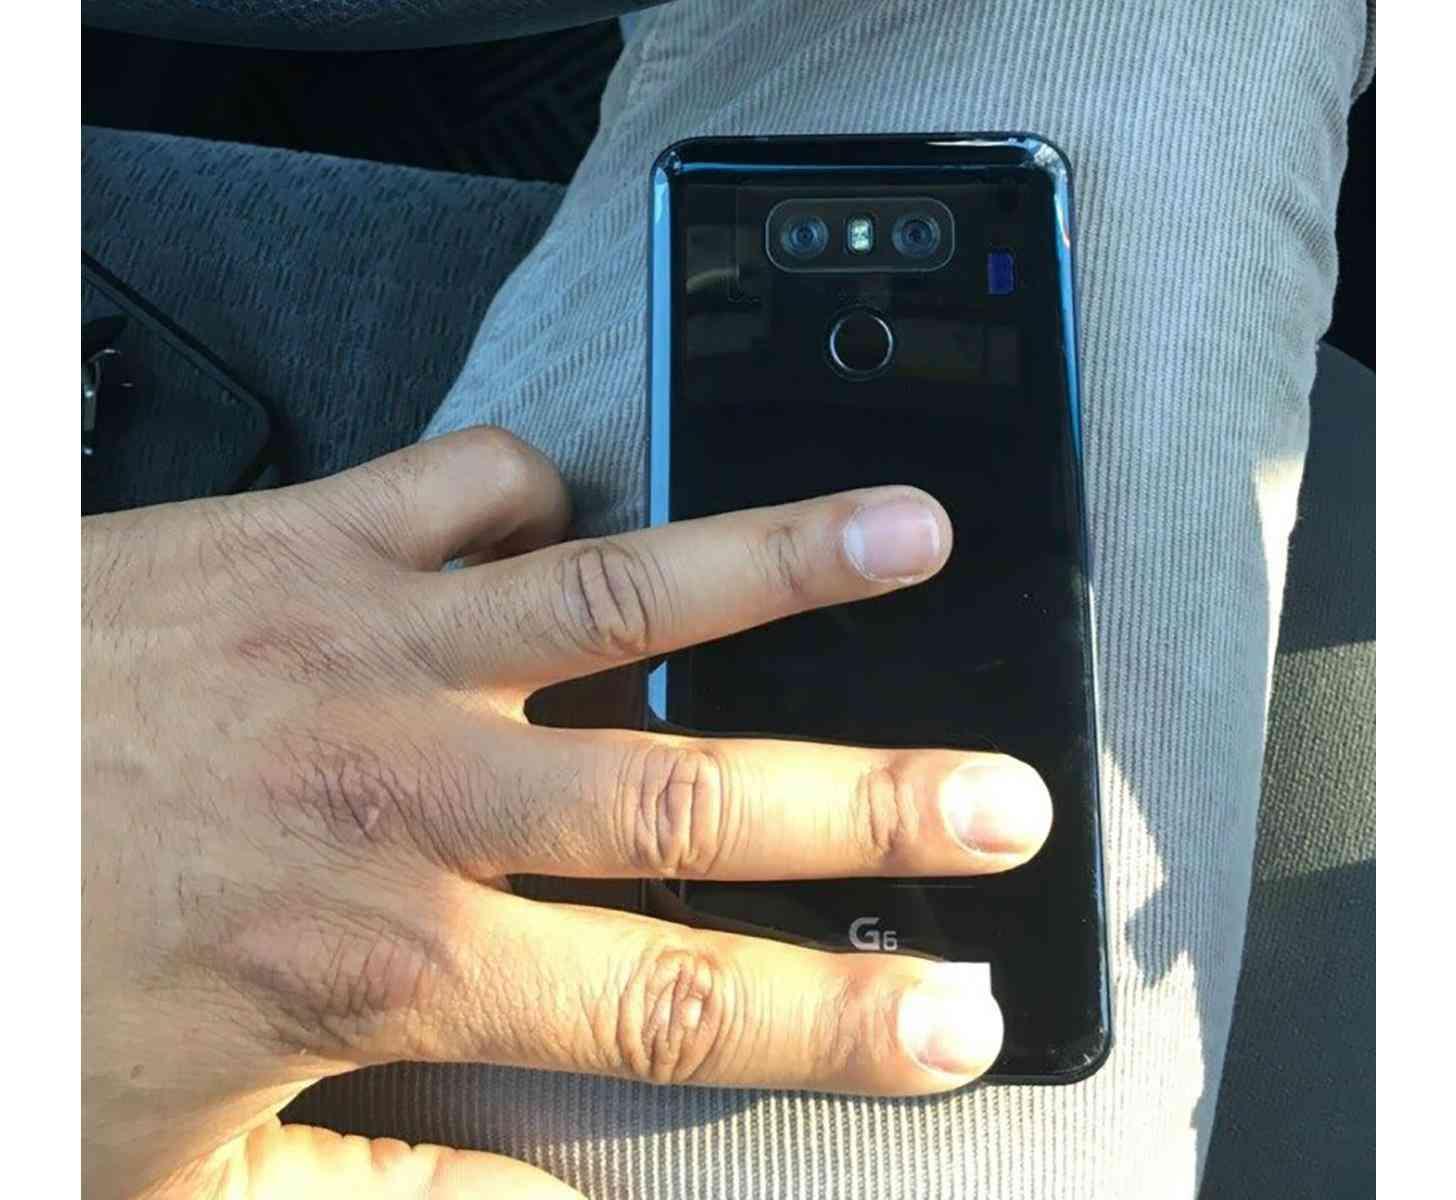 LG G6 rear photo leak